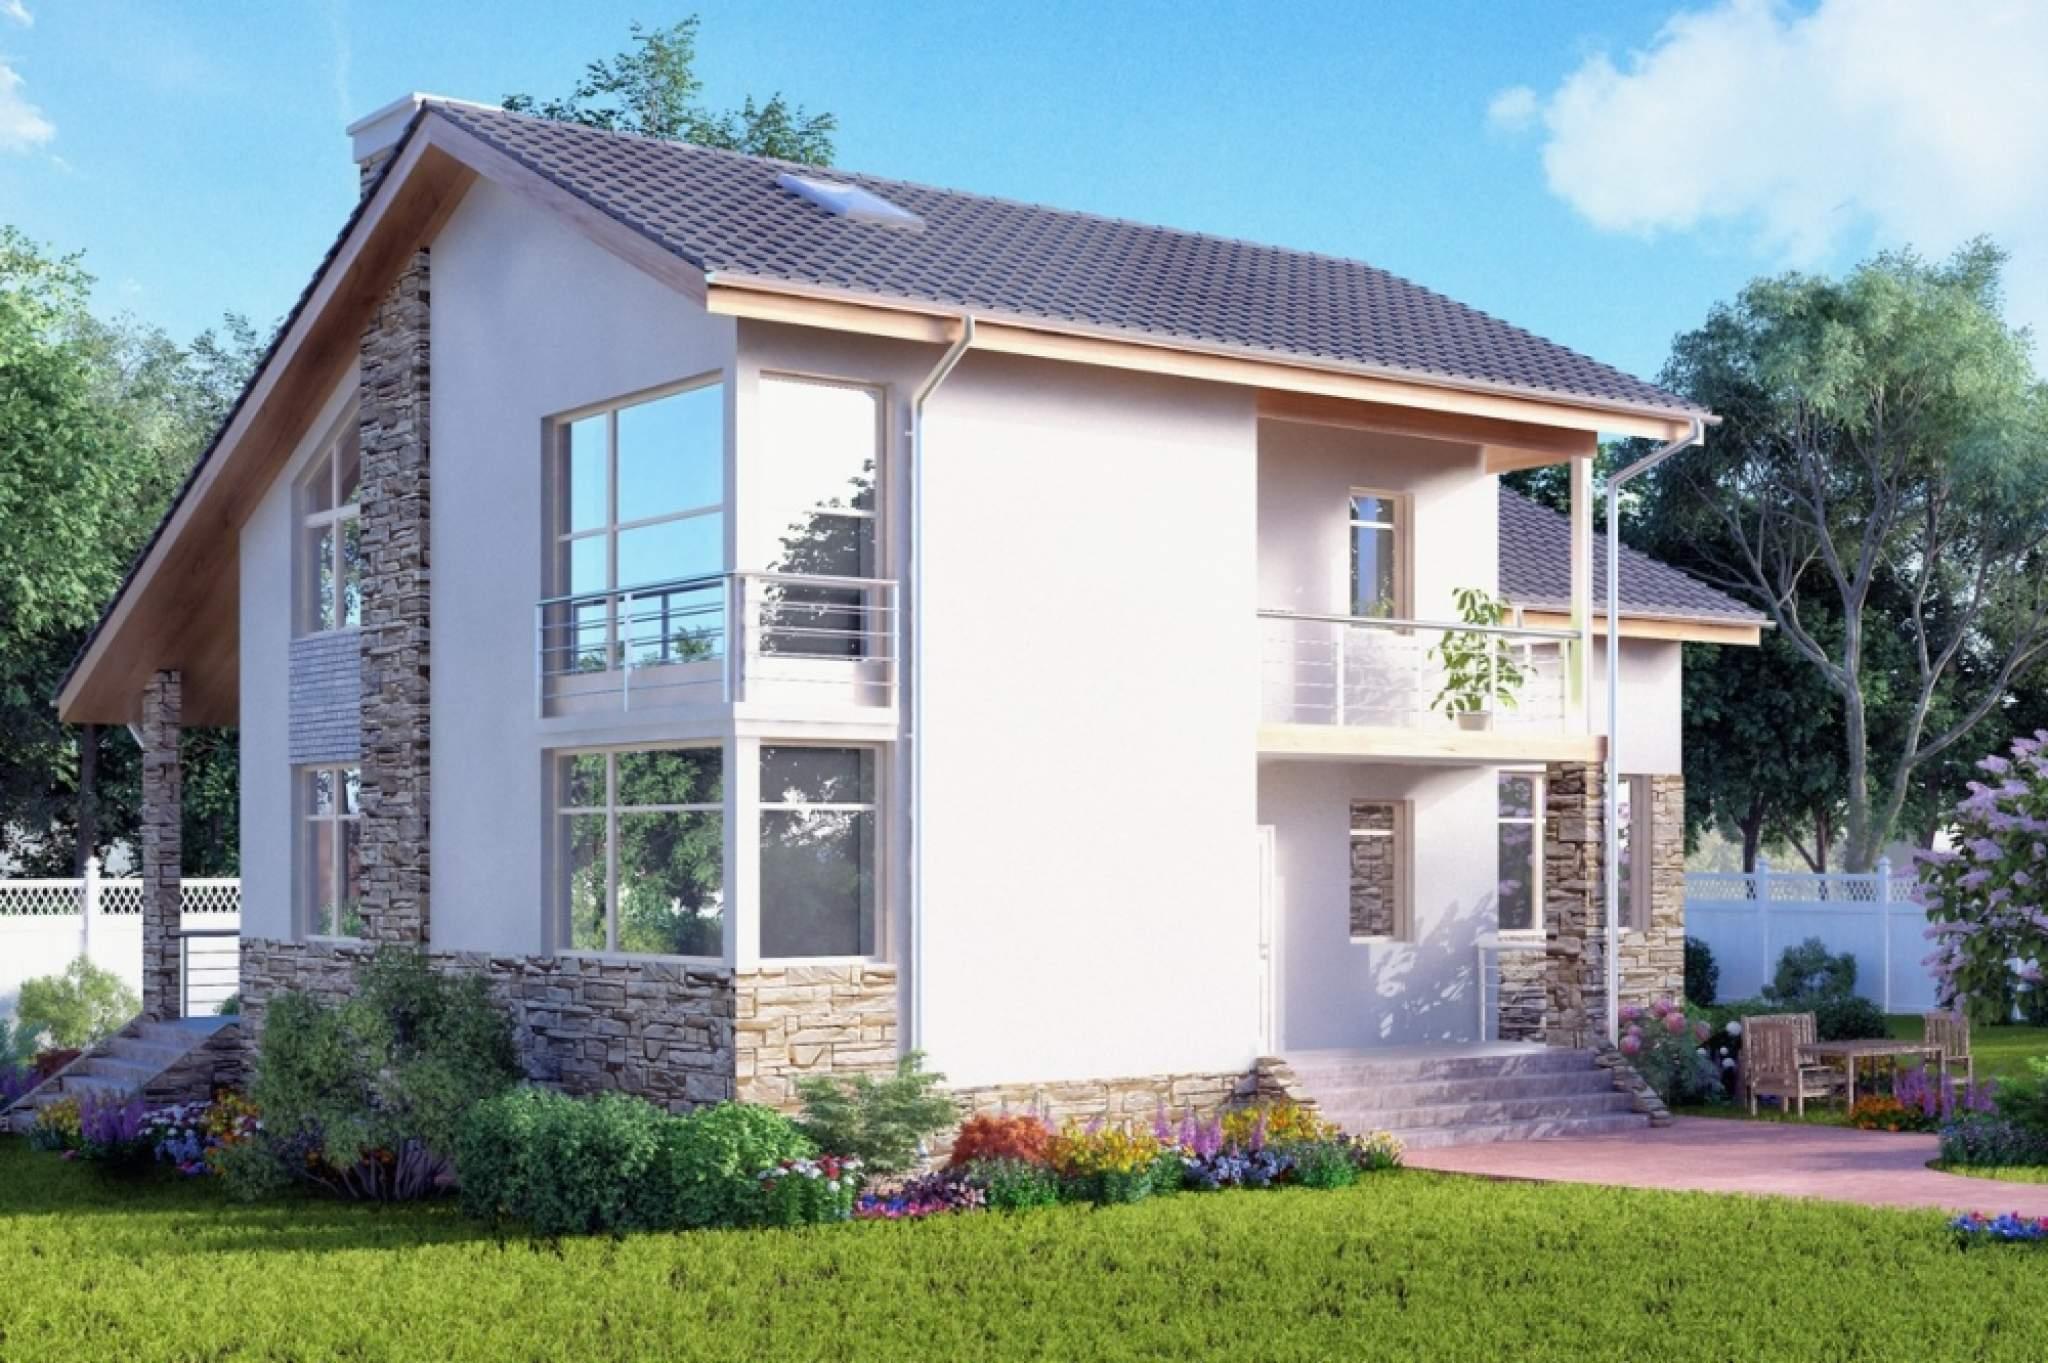 Проект двухэтажного дома из газоблоков гб89 площадью 241 м2 .